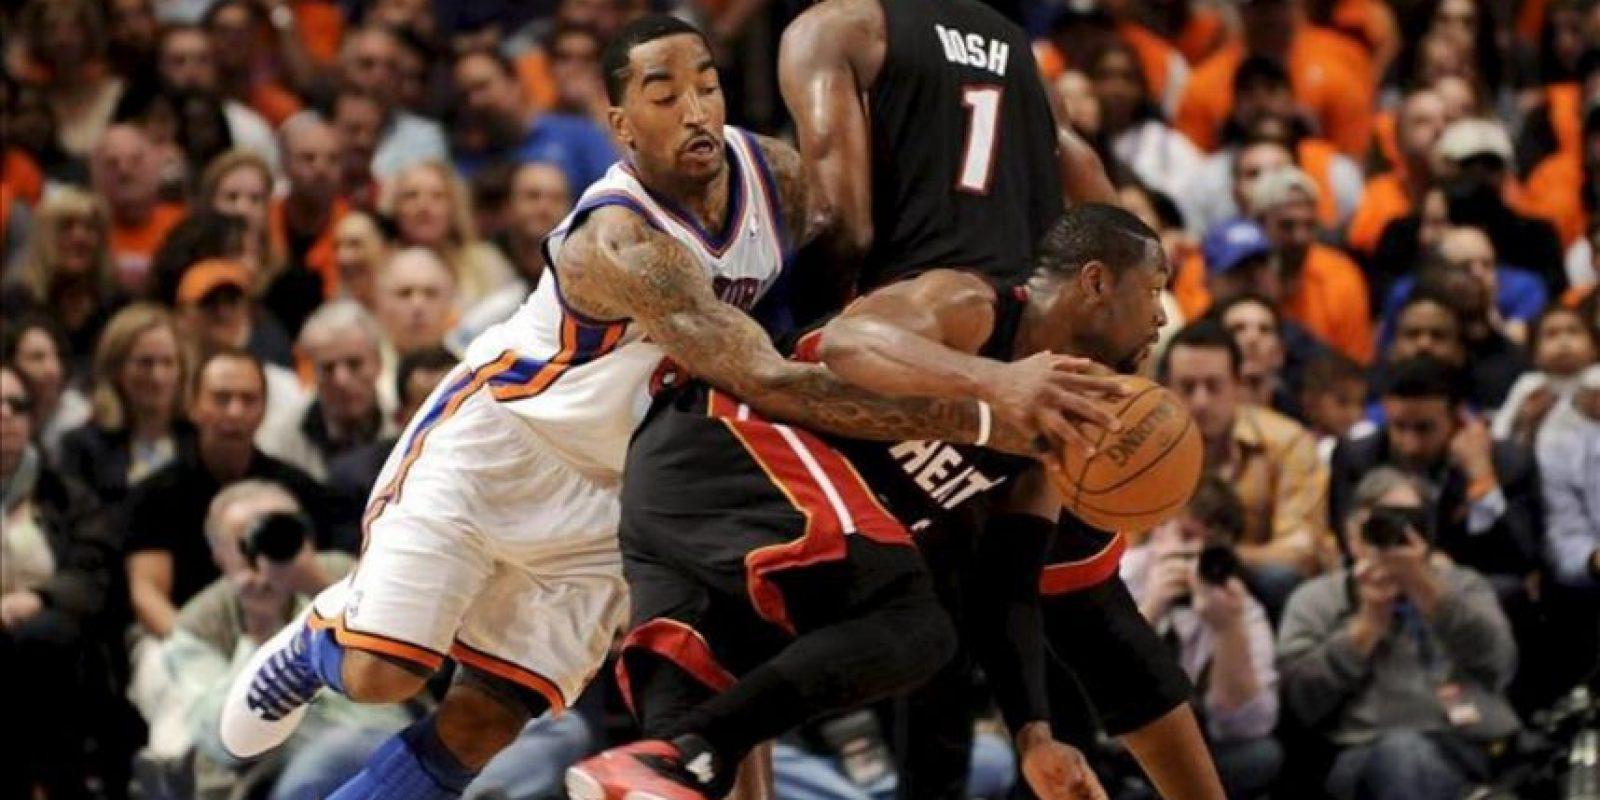 El jugador de los Knicks J.R. Smith (d) disputa un balón con Dwyane Wade (d) y Chris Bosh (c), de los Heat de Miami, durante un partido de la NBA, en el Madison Square Gerden de Nueva York (EEUU). Los Heat ganaron 93-85. EFE